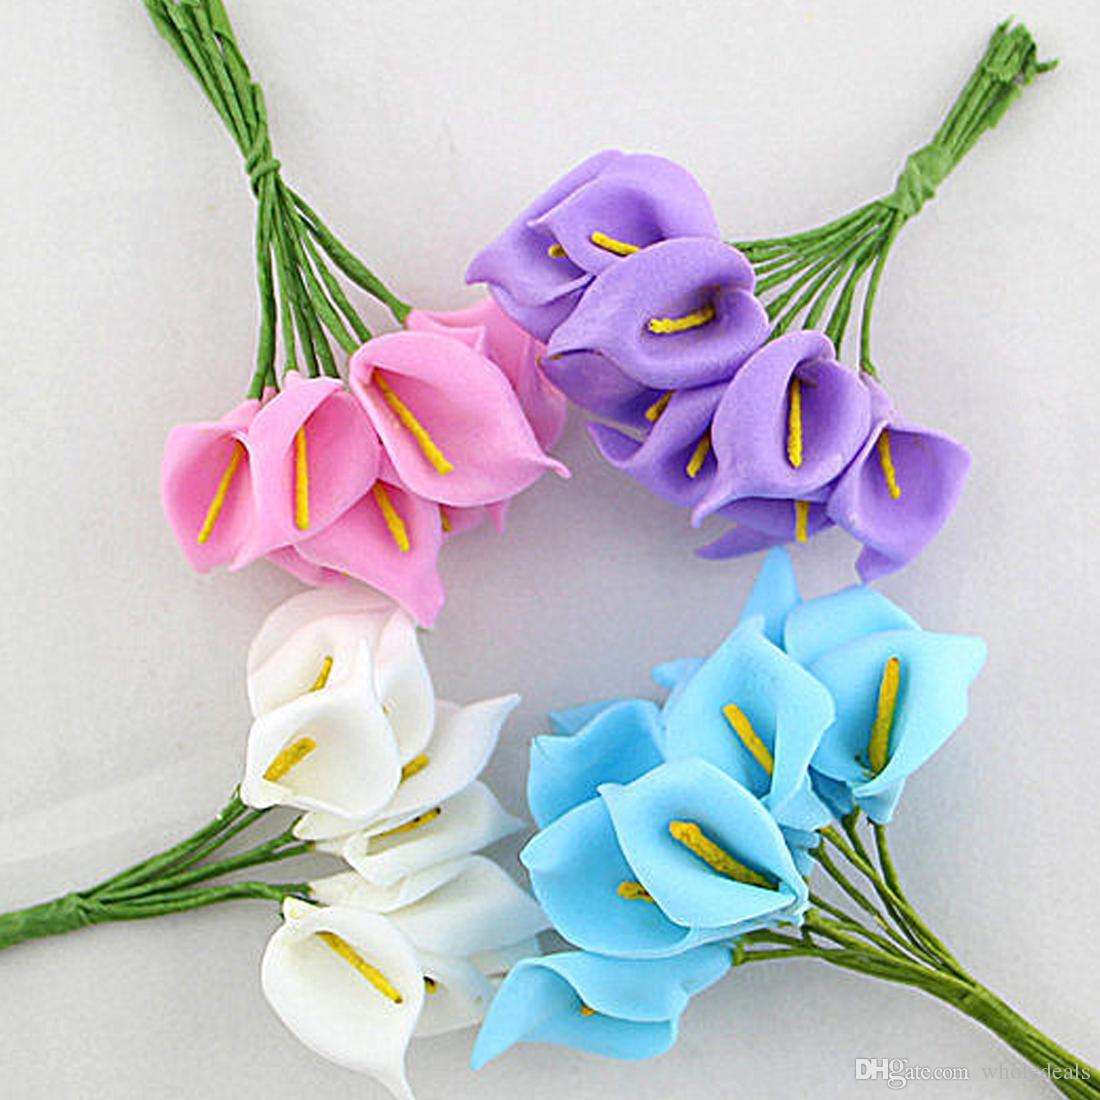 / Mini Mousse Calla À La Main Fleur Artificielle Bouquet De Mariage Décoration BRICOLAGE Guirlande Cadeau Boîte Scrapbooking Artisanat Faux Fleur